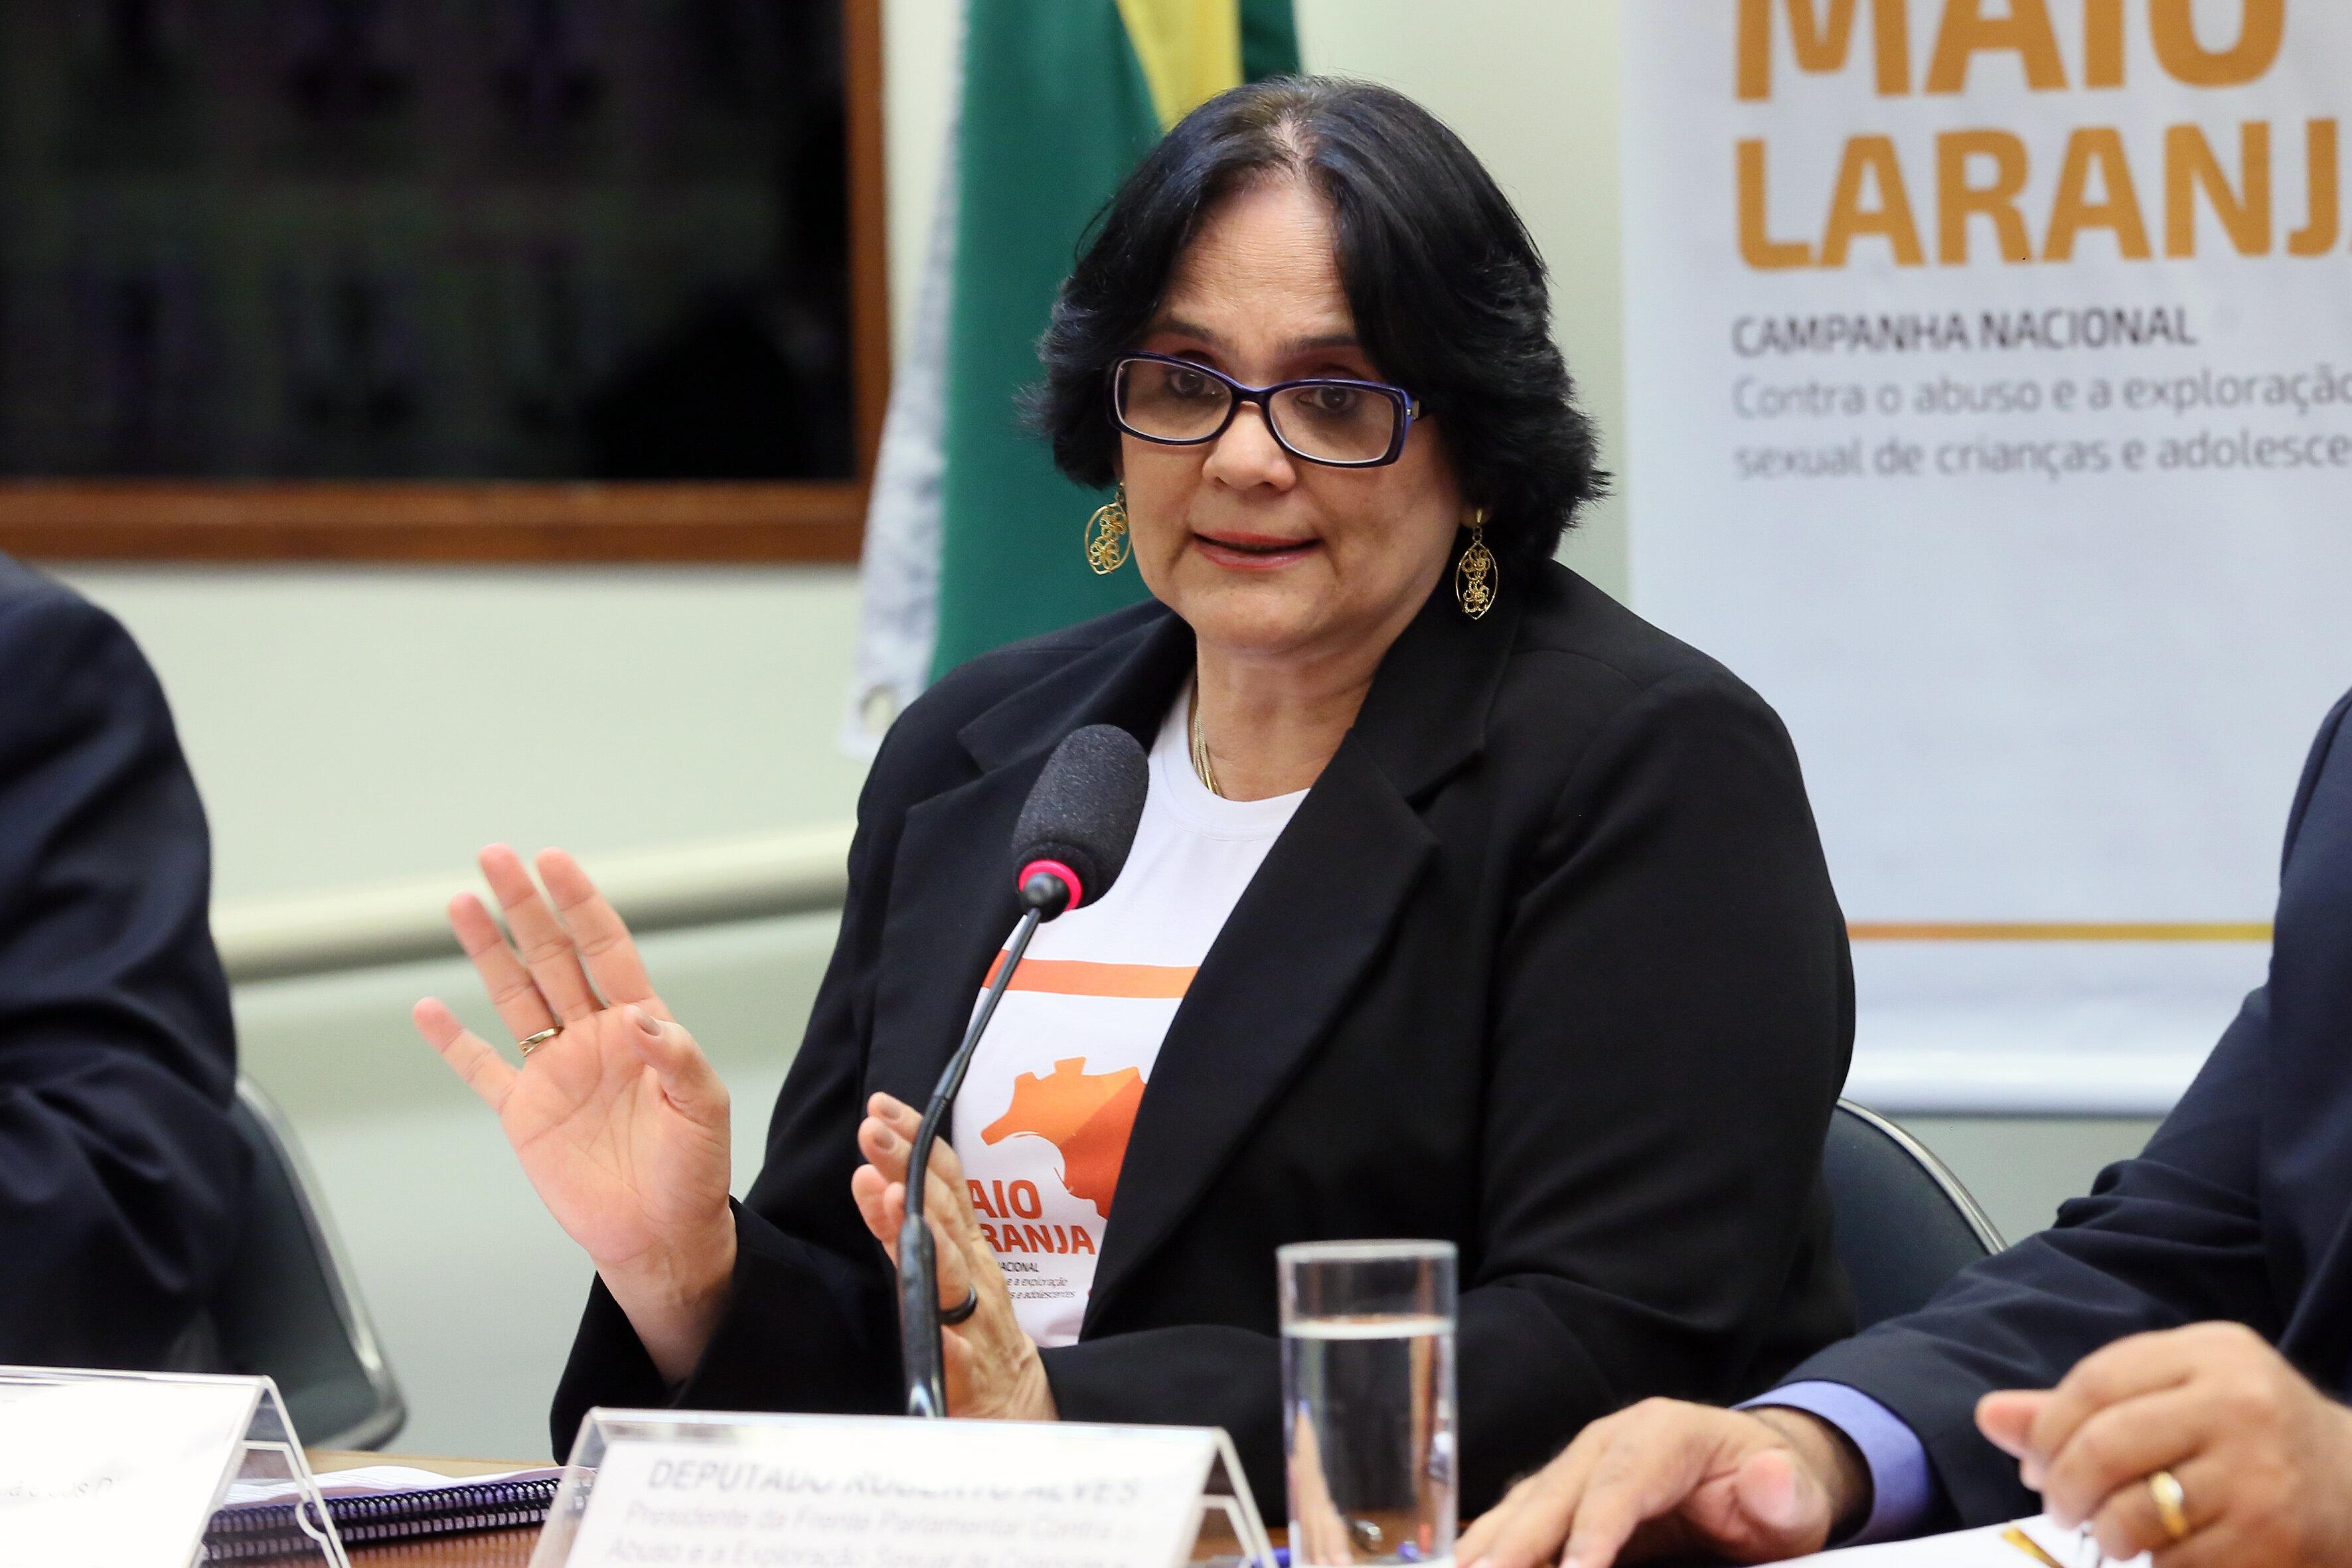 Para ministra Damares, dizer que não existe violência contra LGBTs 'é uma